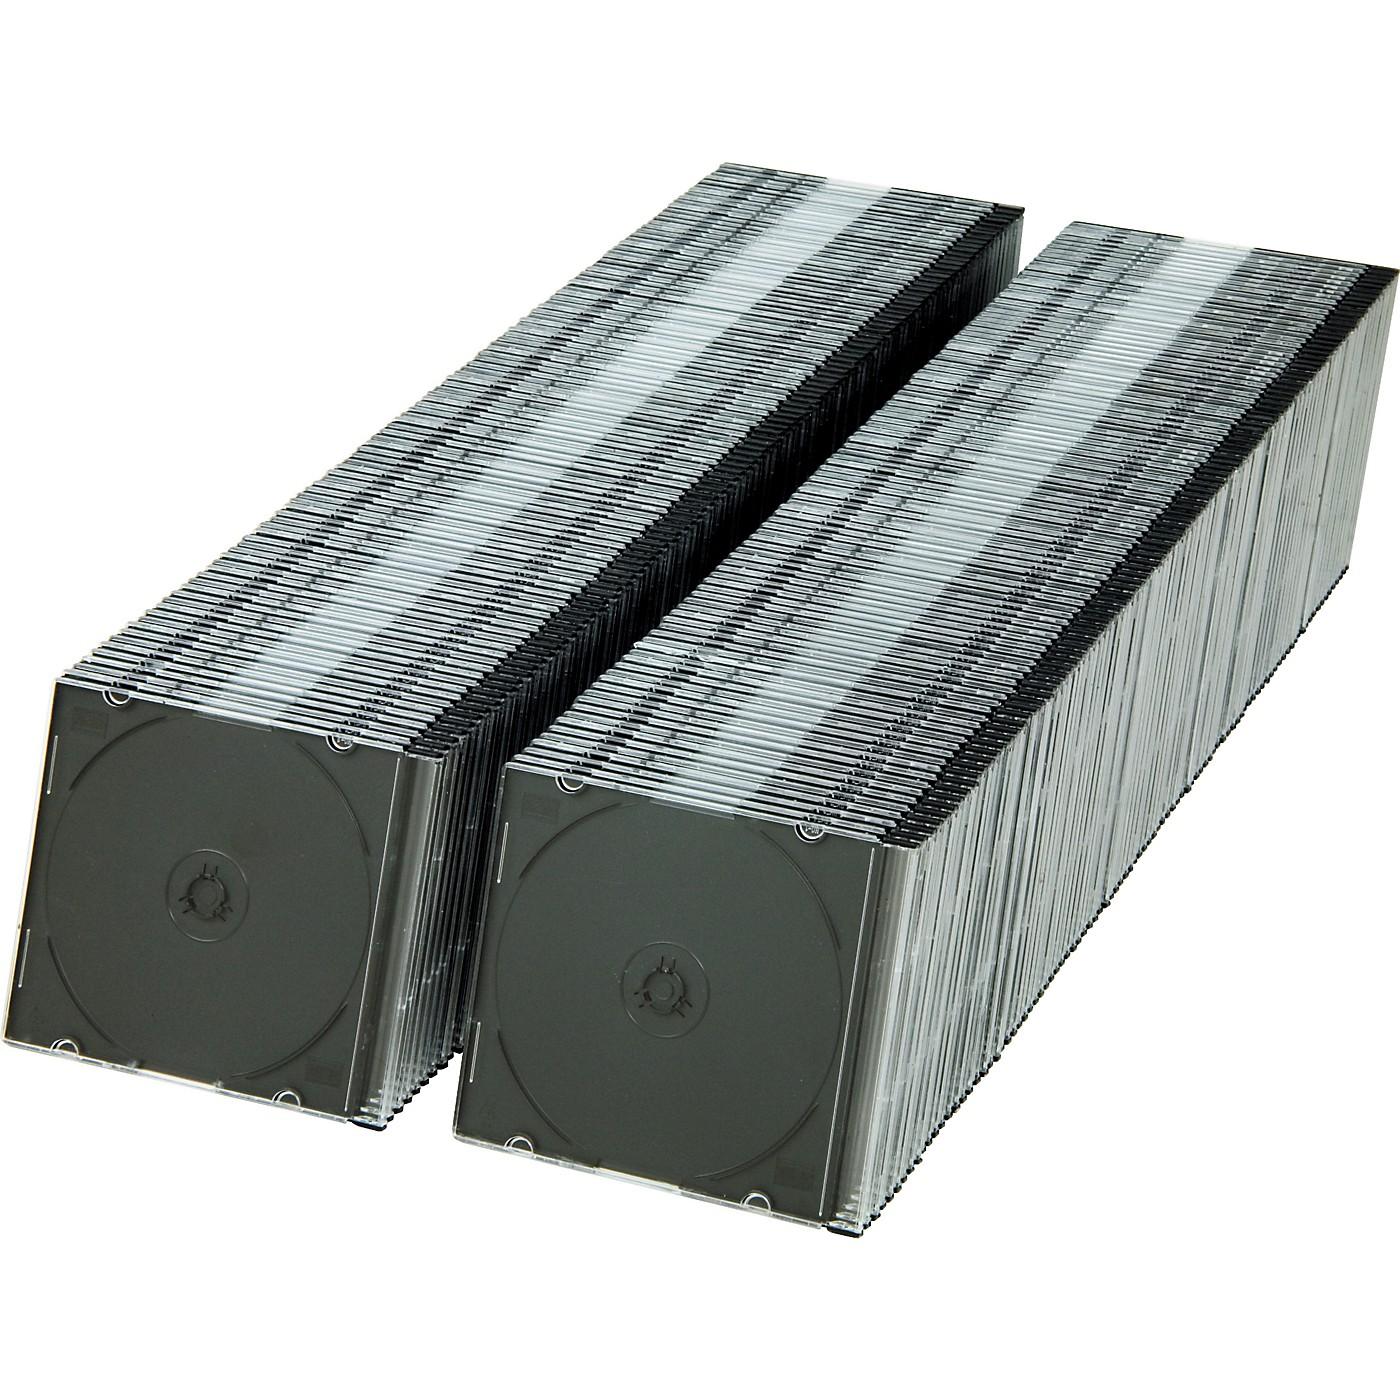 BK Media 5.2 mm Slim CD & DVD Jewel Cases 200-pack thumbnail